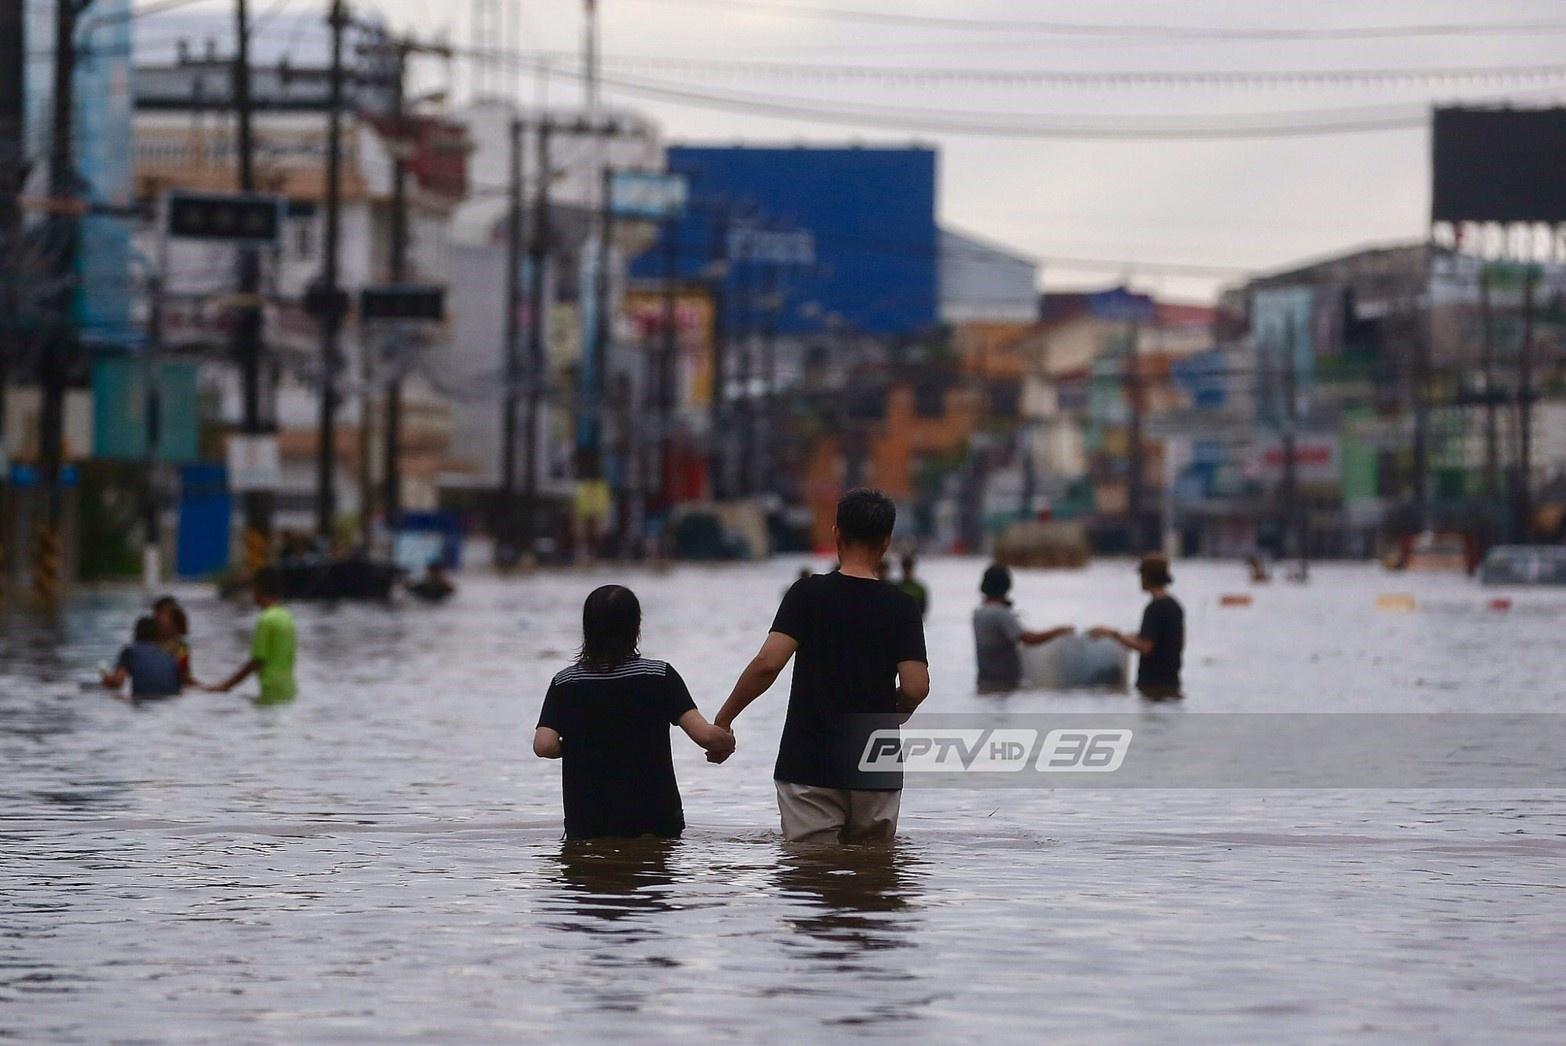 กรมสุขภาพจิตพบผู้ประสบภัยน้ำท่วมสกลนคร เสี่ยงฆ่าตัวตาย 10 ราย